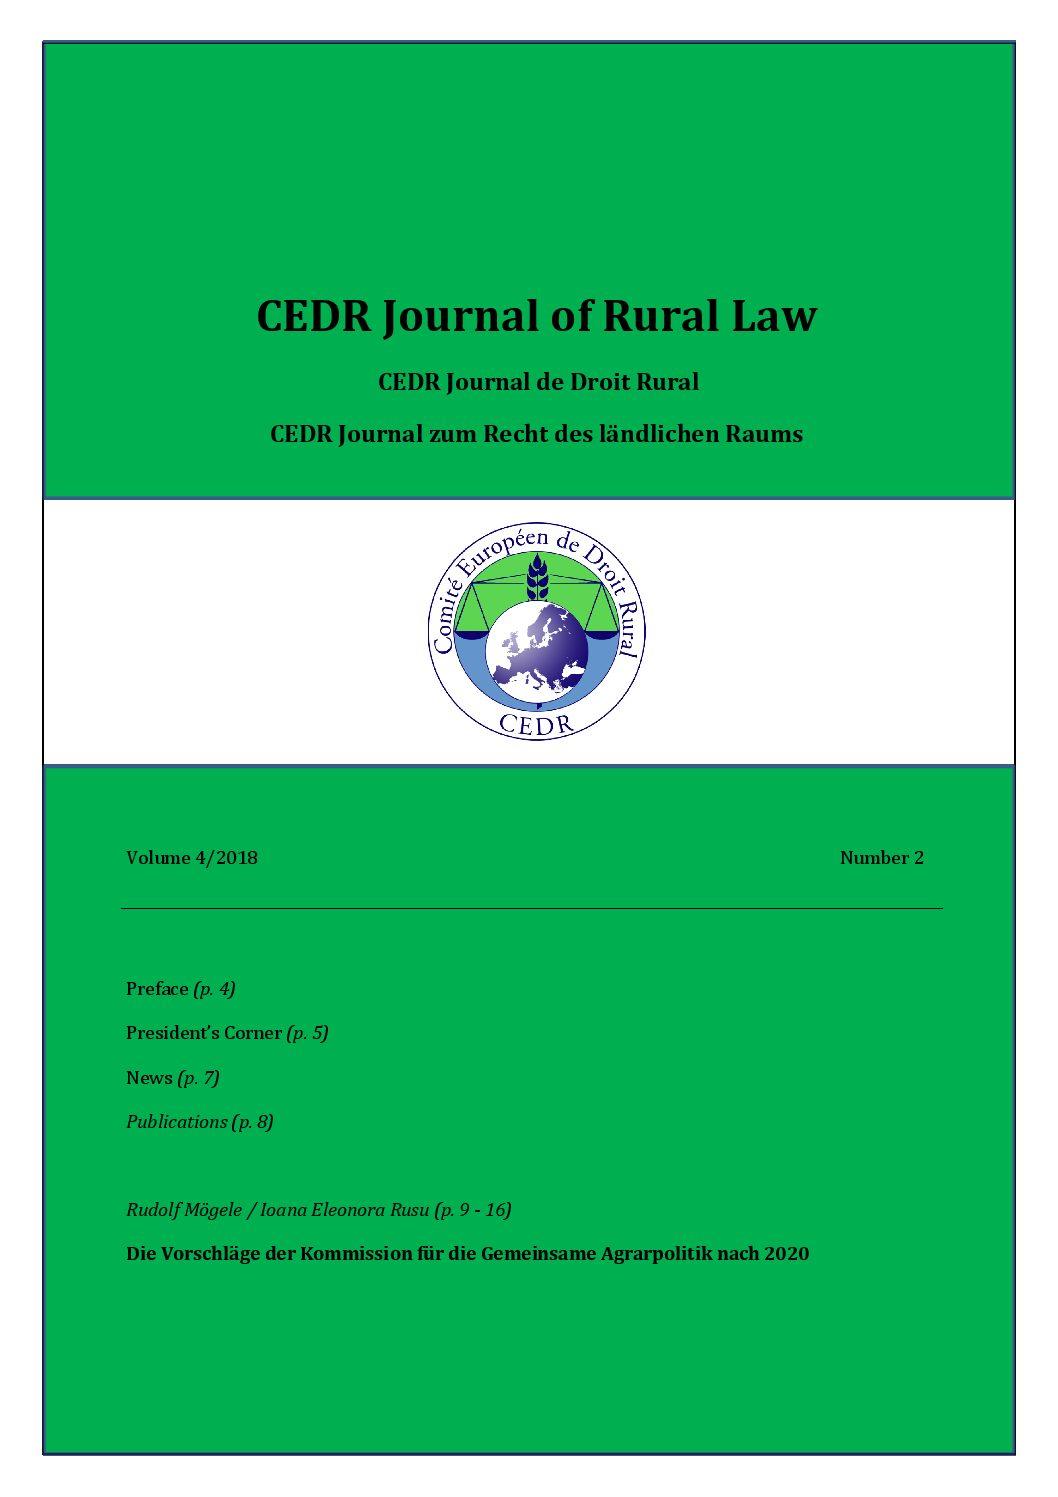 Journal of Rural Law Vol.4 N°2, 2018